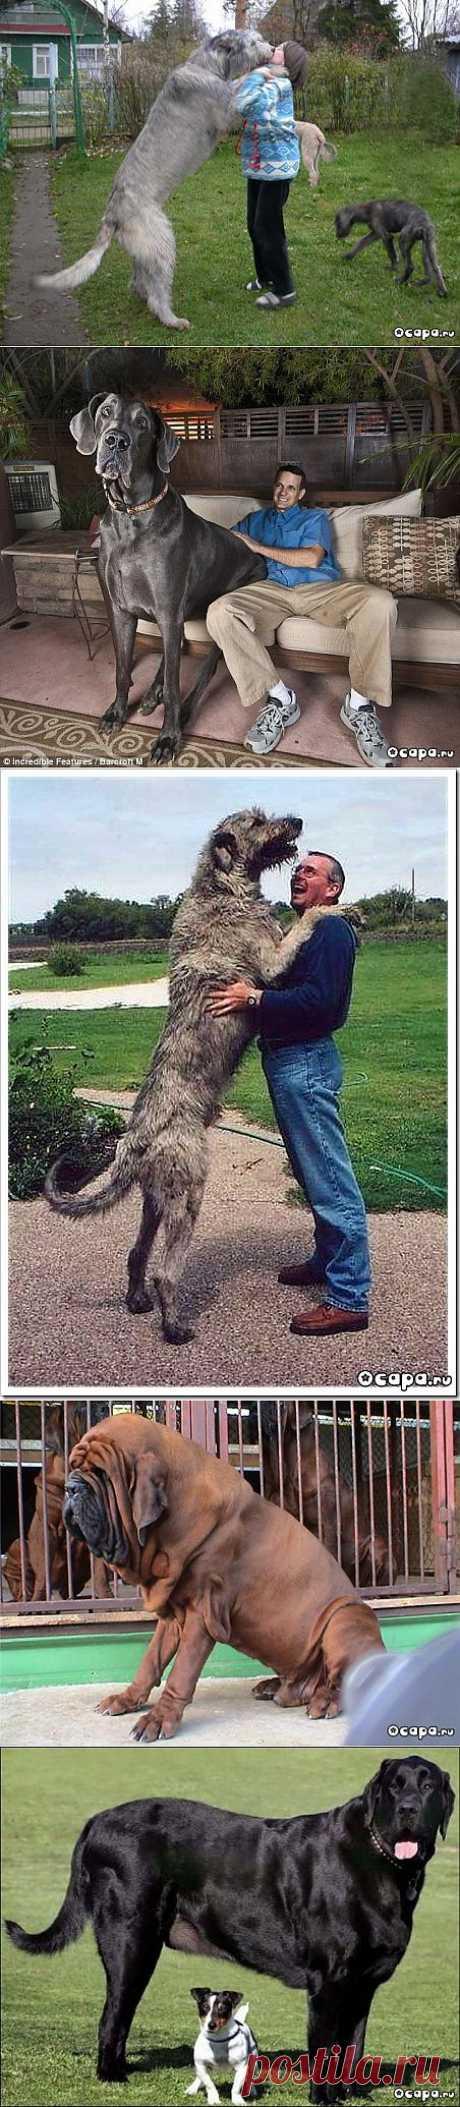 Самые большие собаки в мире (60 фото) - интересное на capa.me